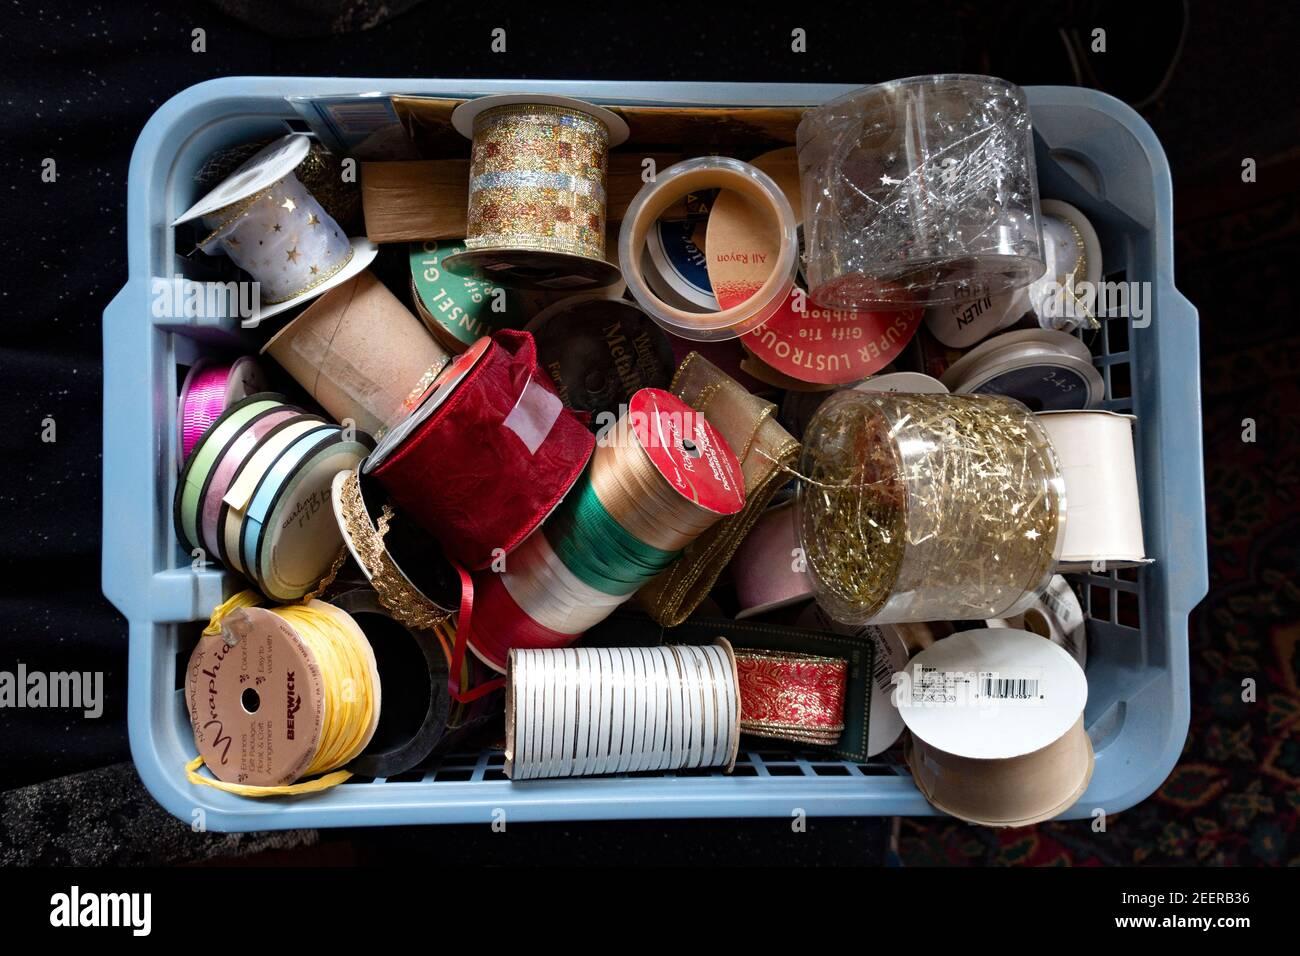 Ein Korb mit bunten Bändern zur Dekoration. St. Paul Minnesota, USA Stockfoto